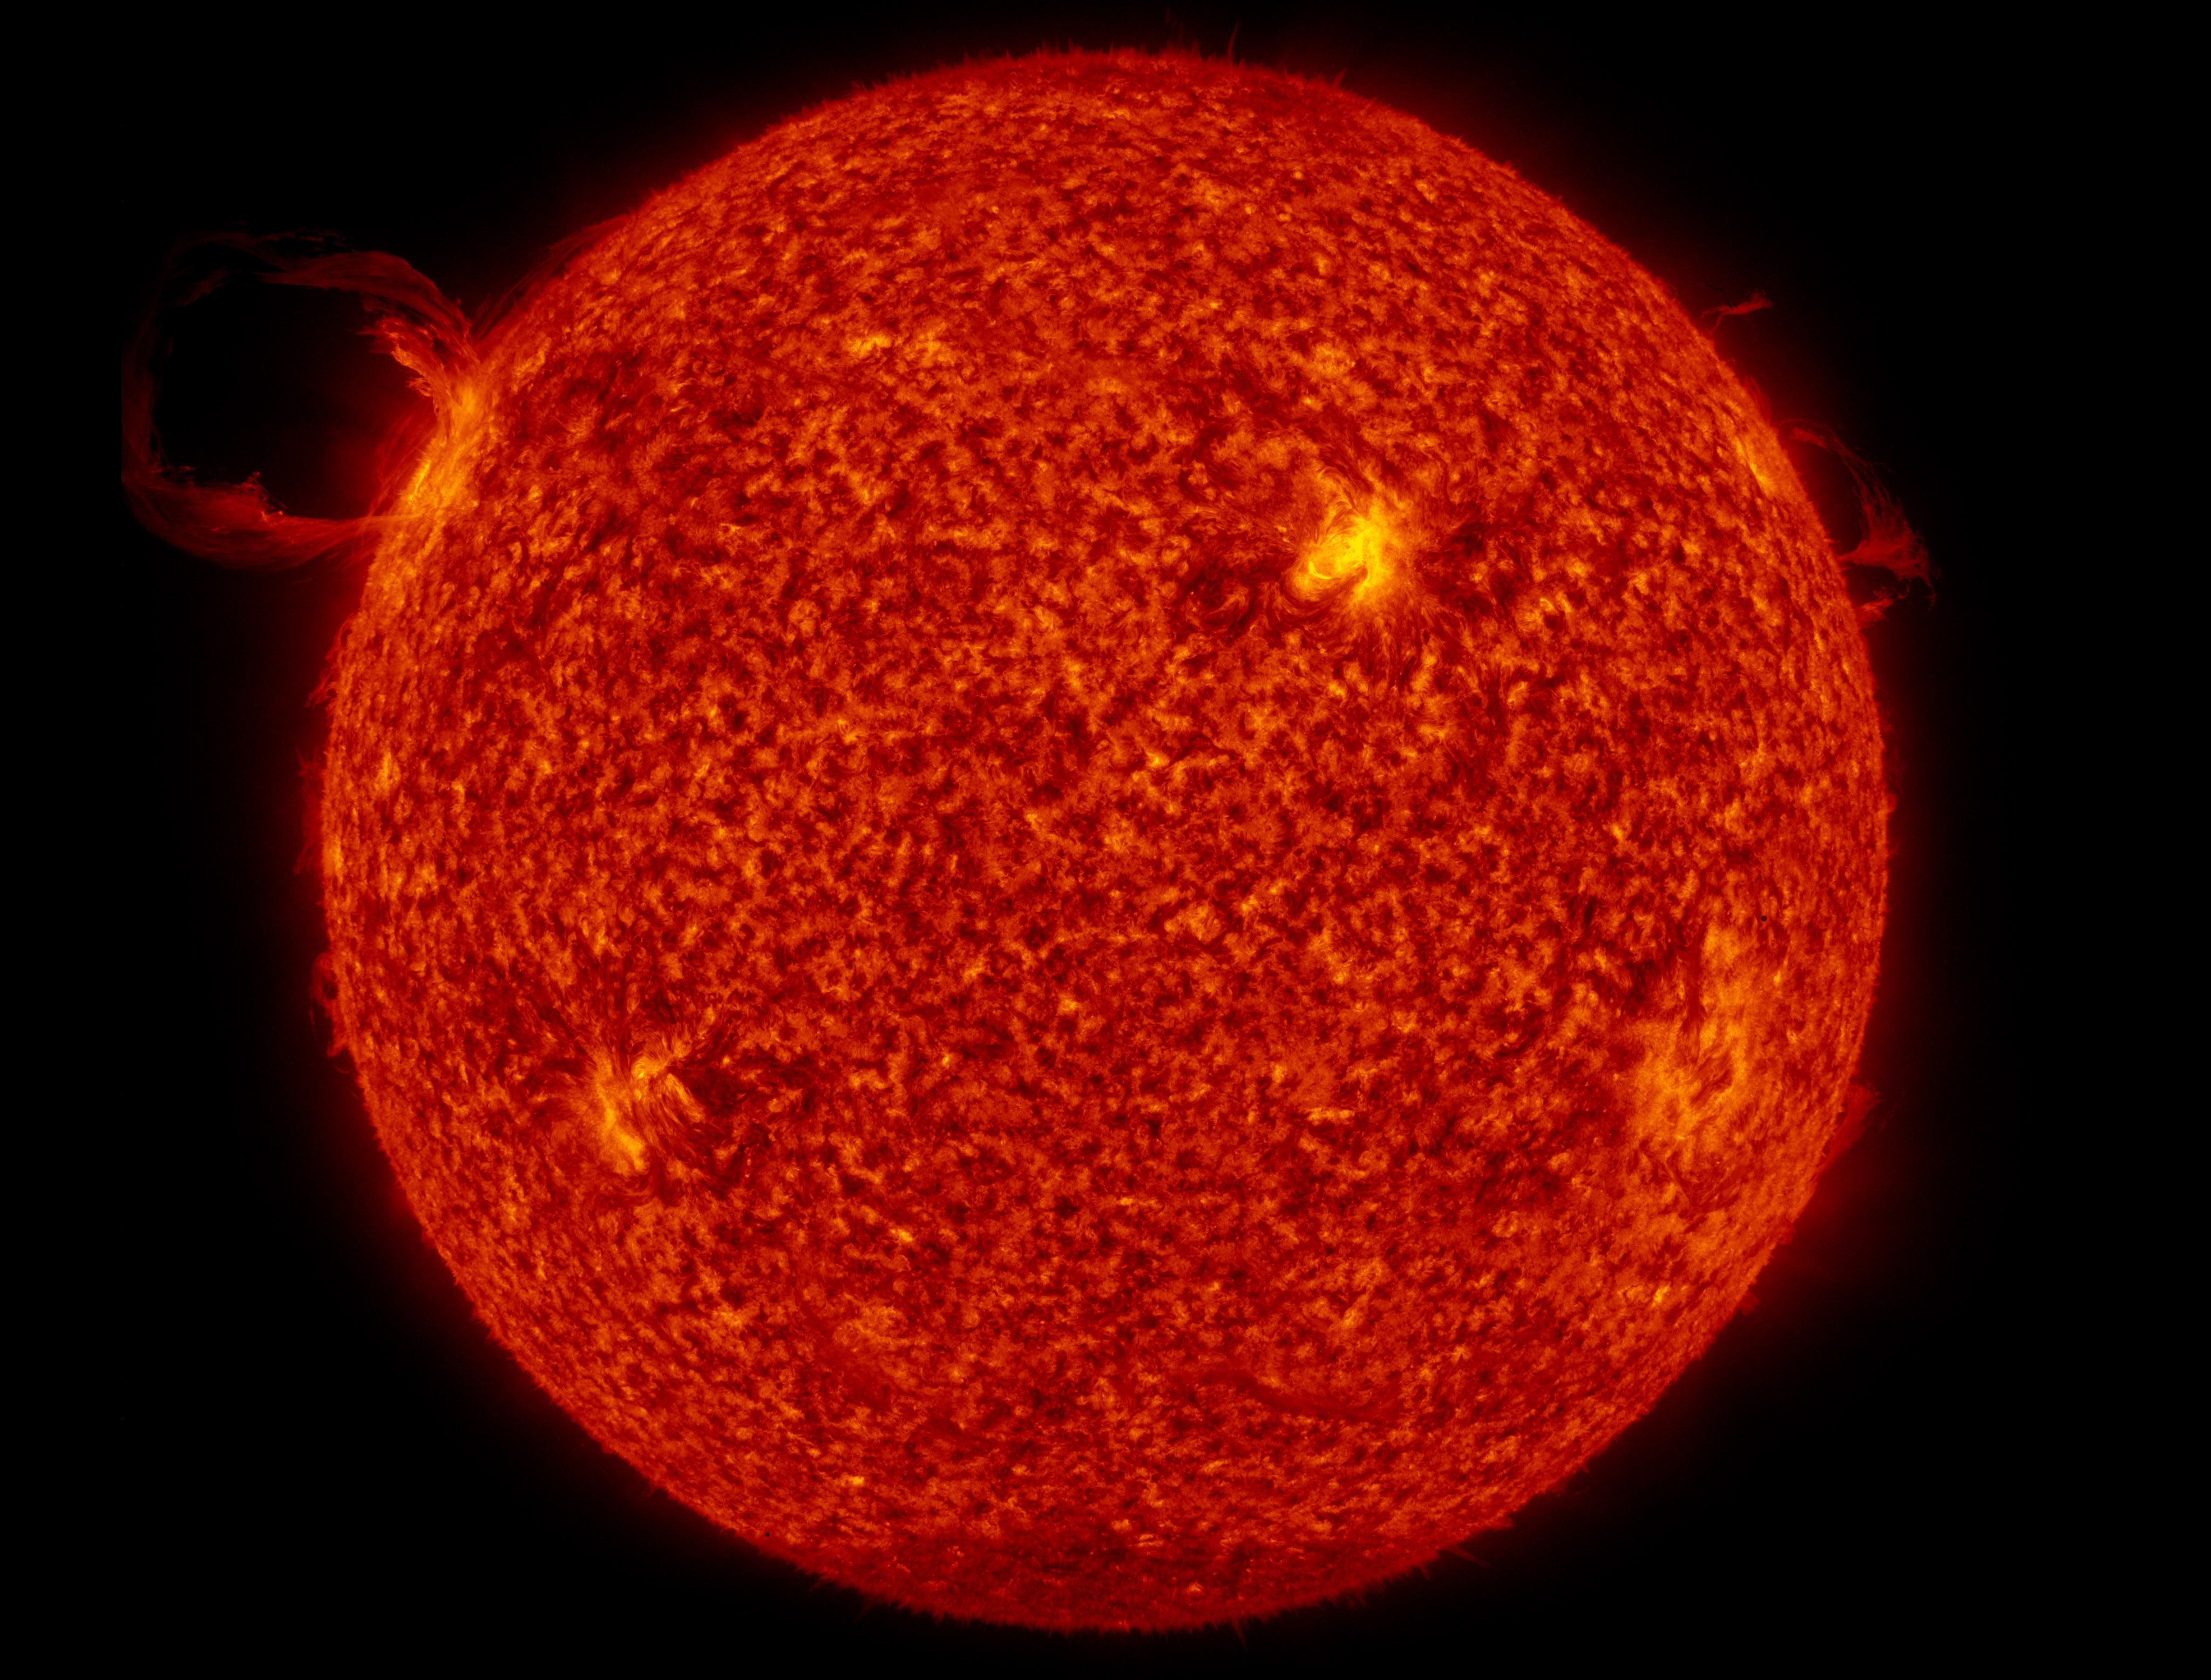 nasa sun images - HD4096×3112